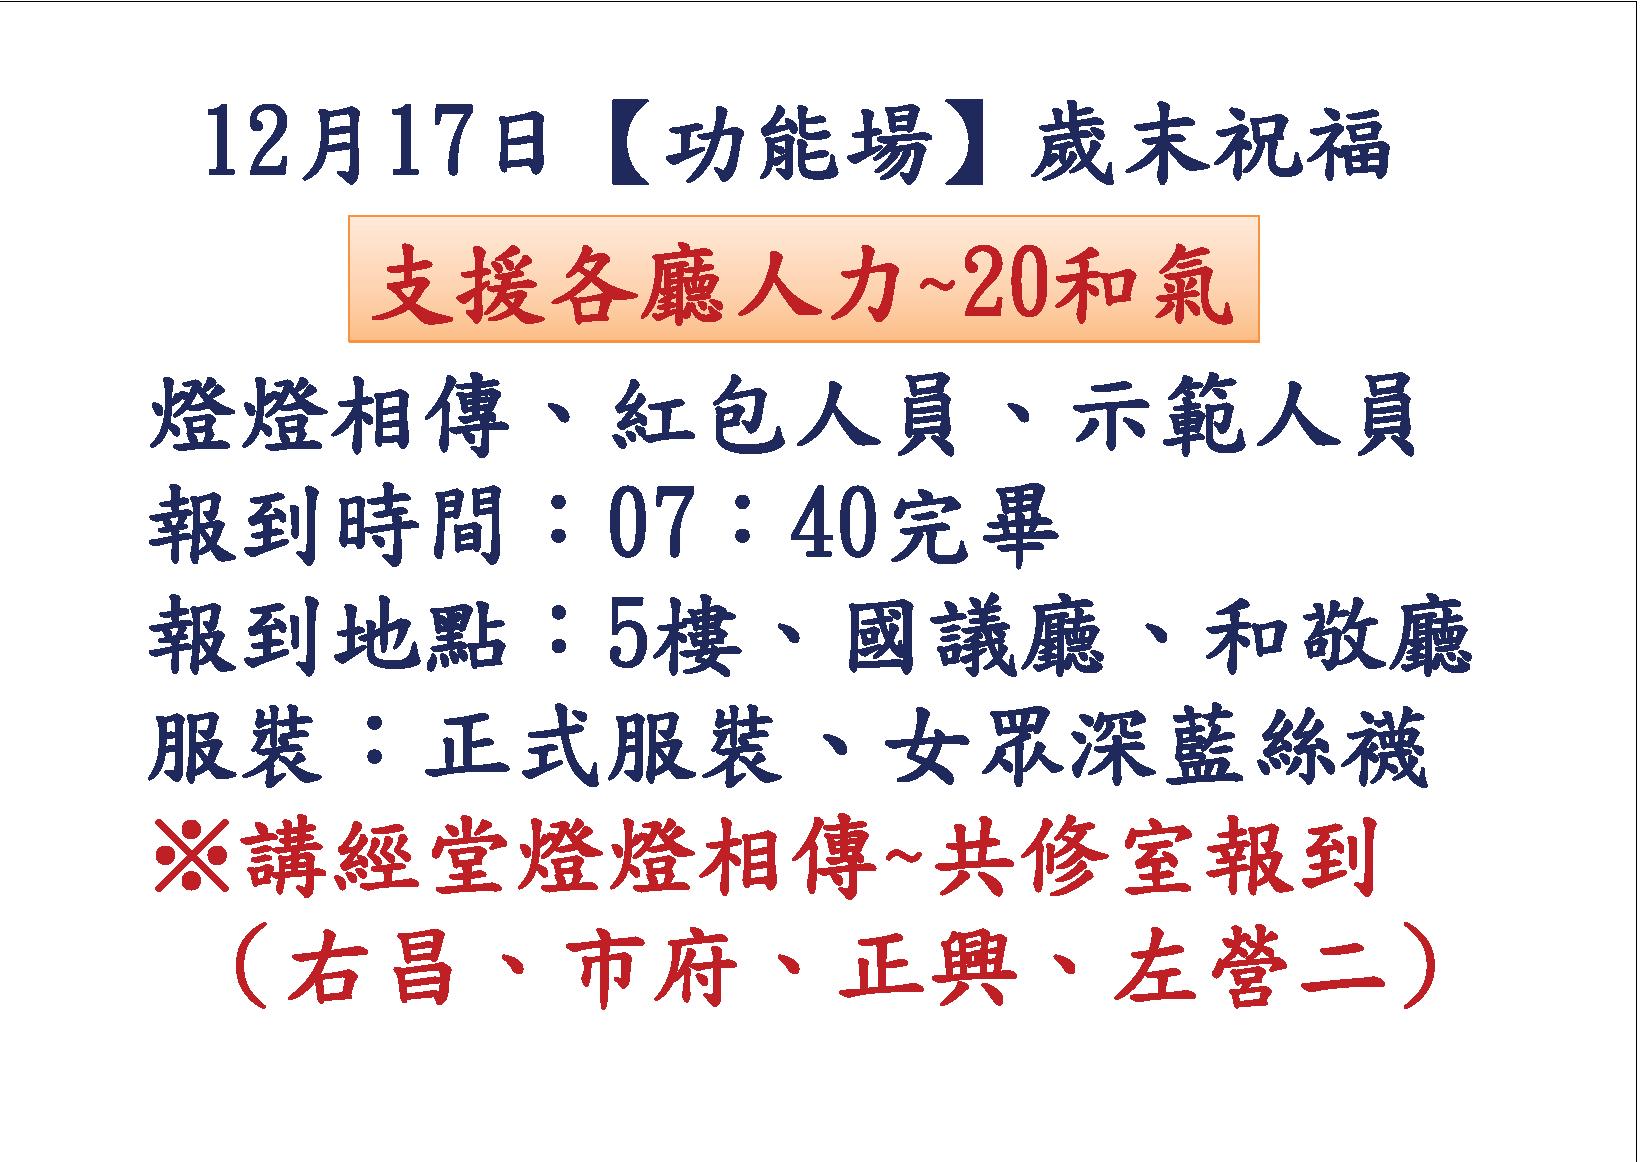 12月17日功能場歲末祝福報到叮嚀_頁面_2.png